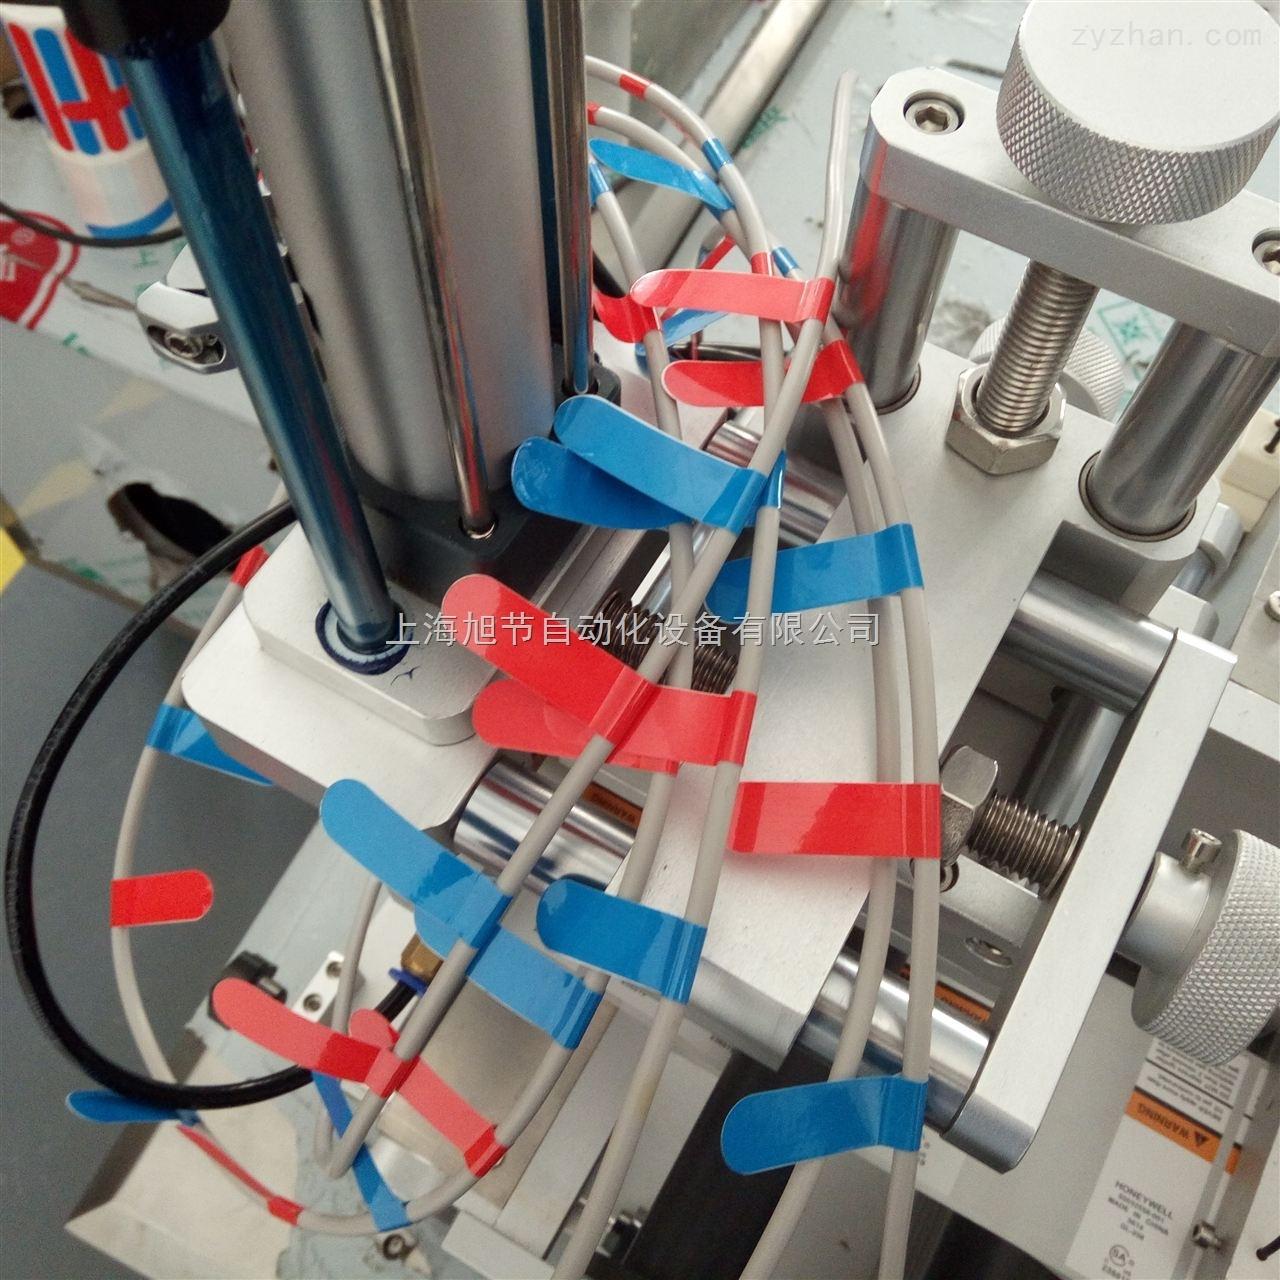 汽车线束对折贴标机 圆管贴对折标签机设备 电线贴标机